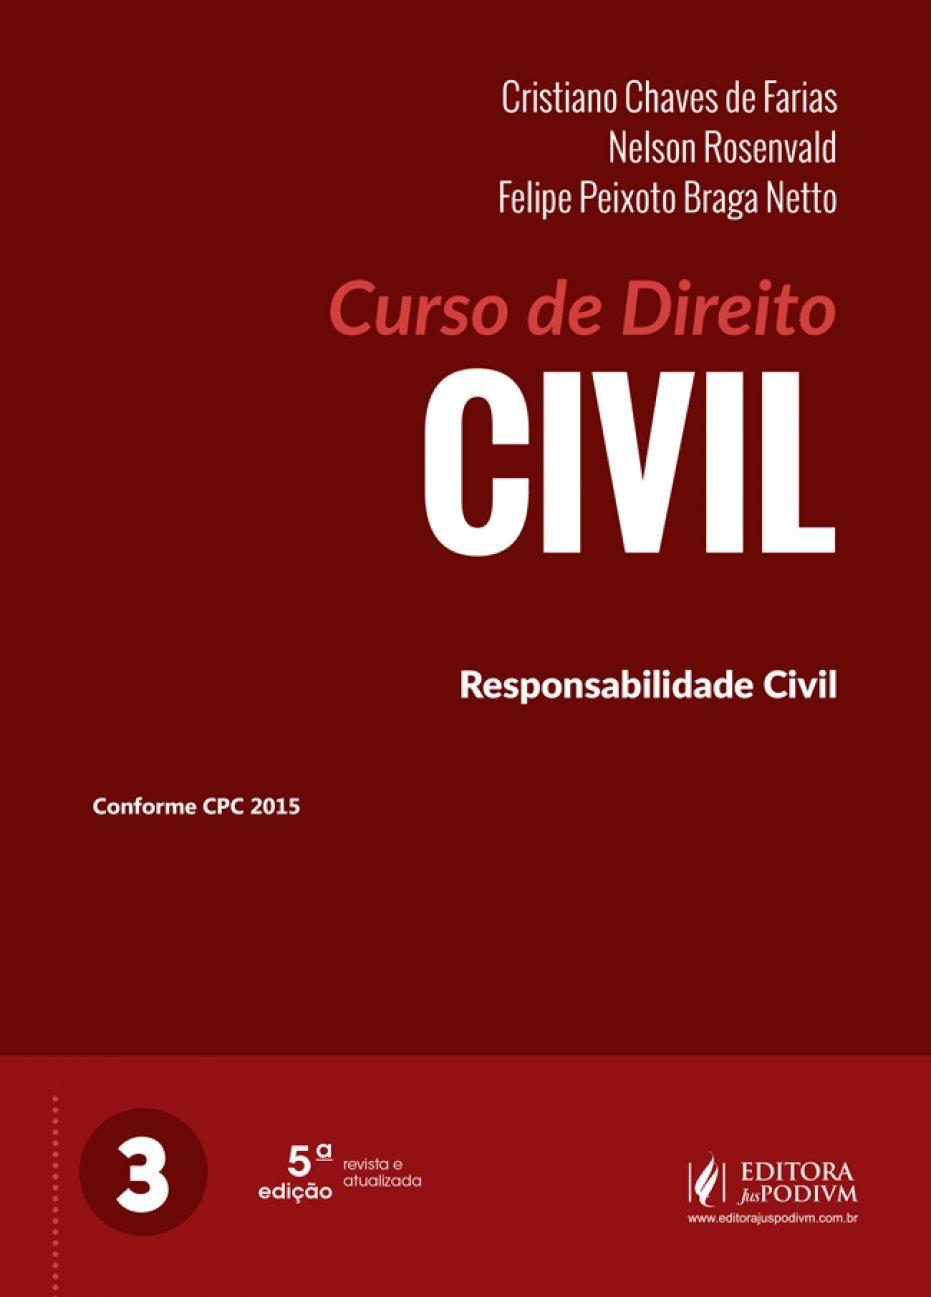 Curso de direito civil - responsabilidade civil